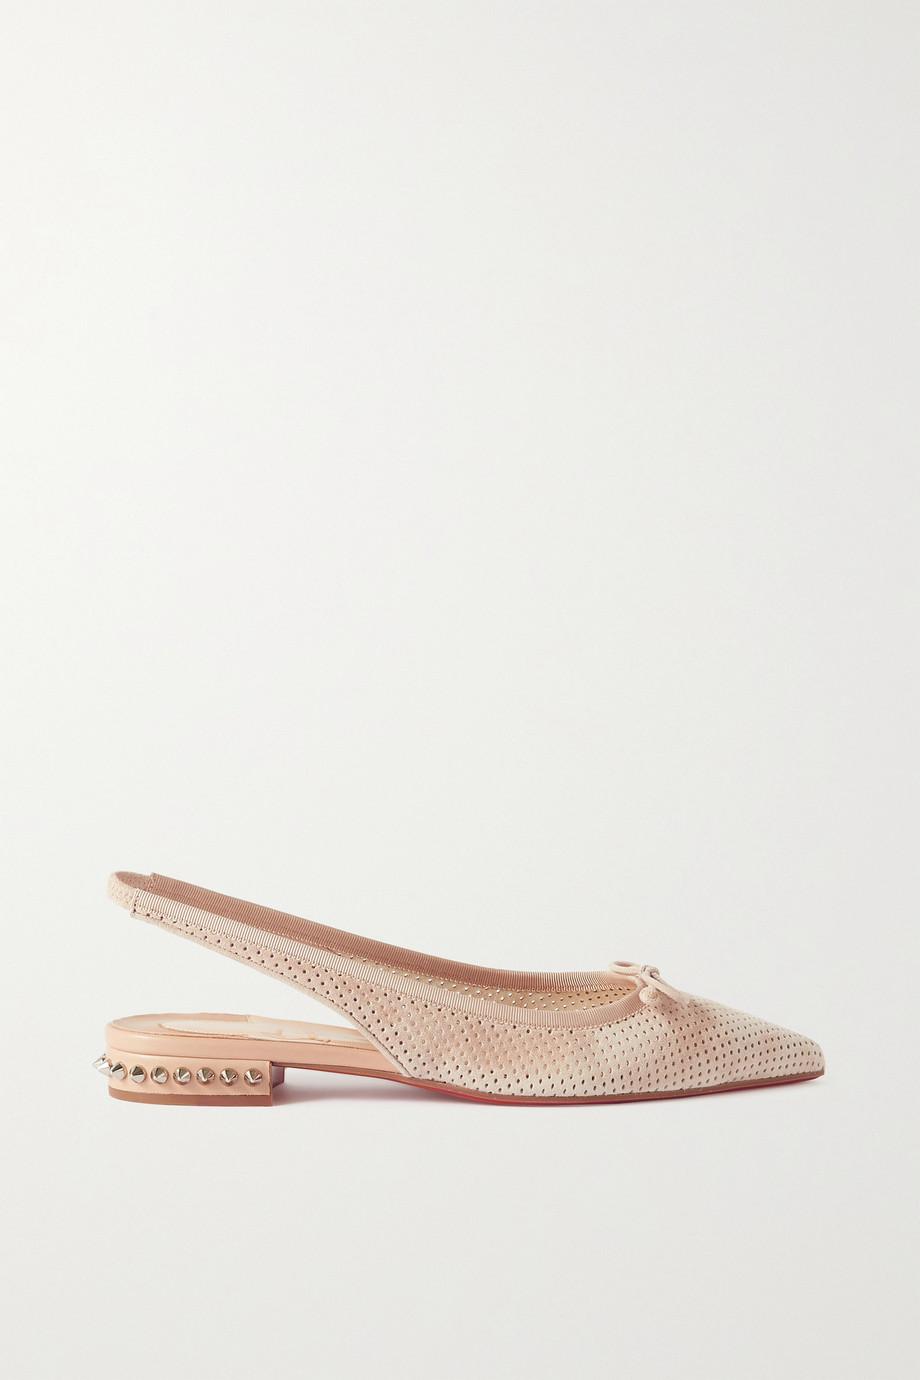 Christian Louboutin Chaussures plates à bouts pointus et à brides en daim perforé à clous Hall 20